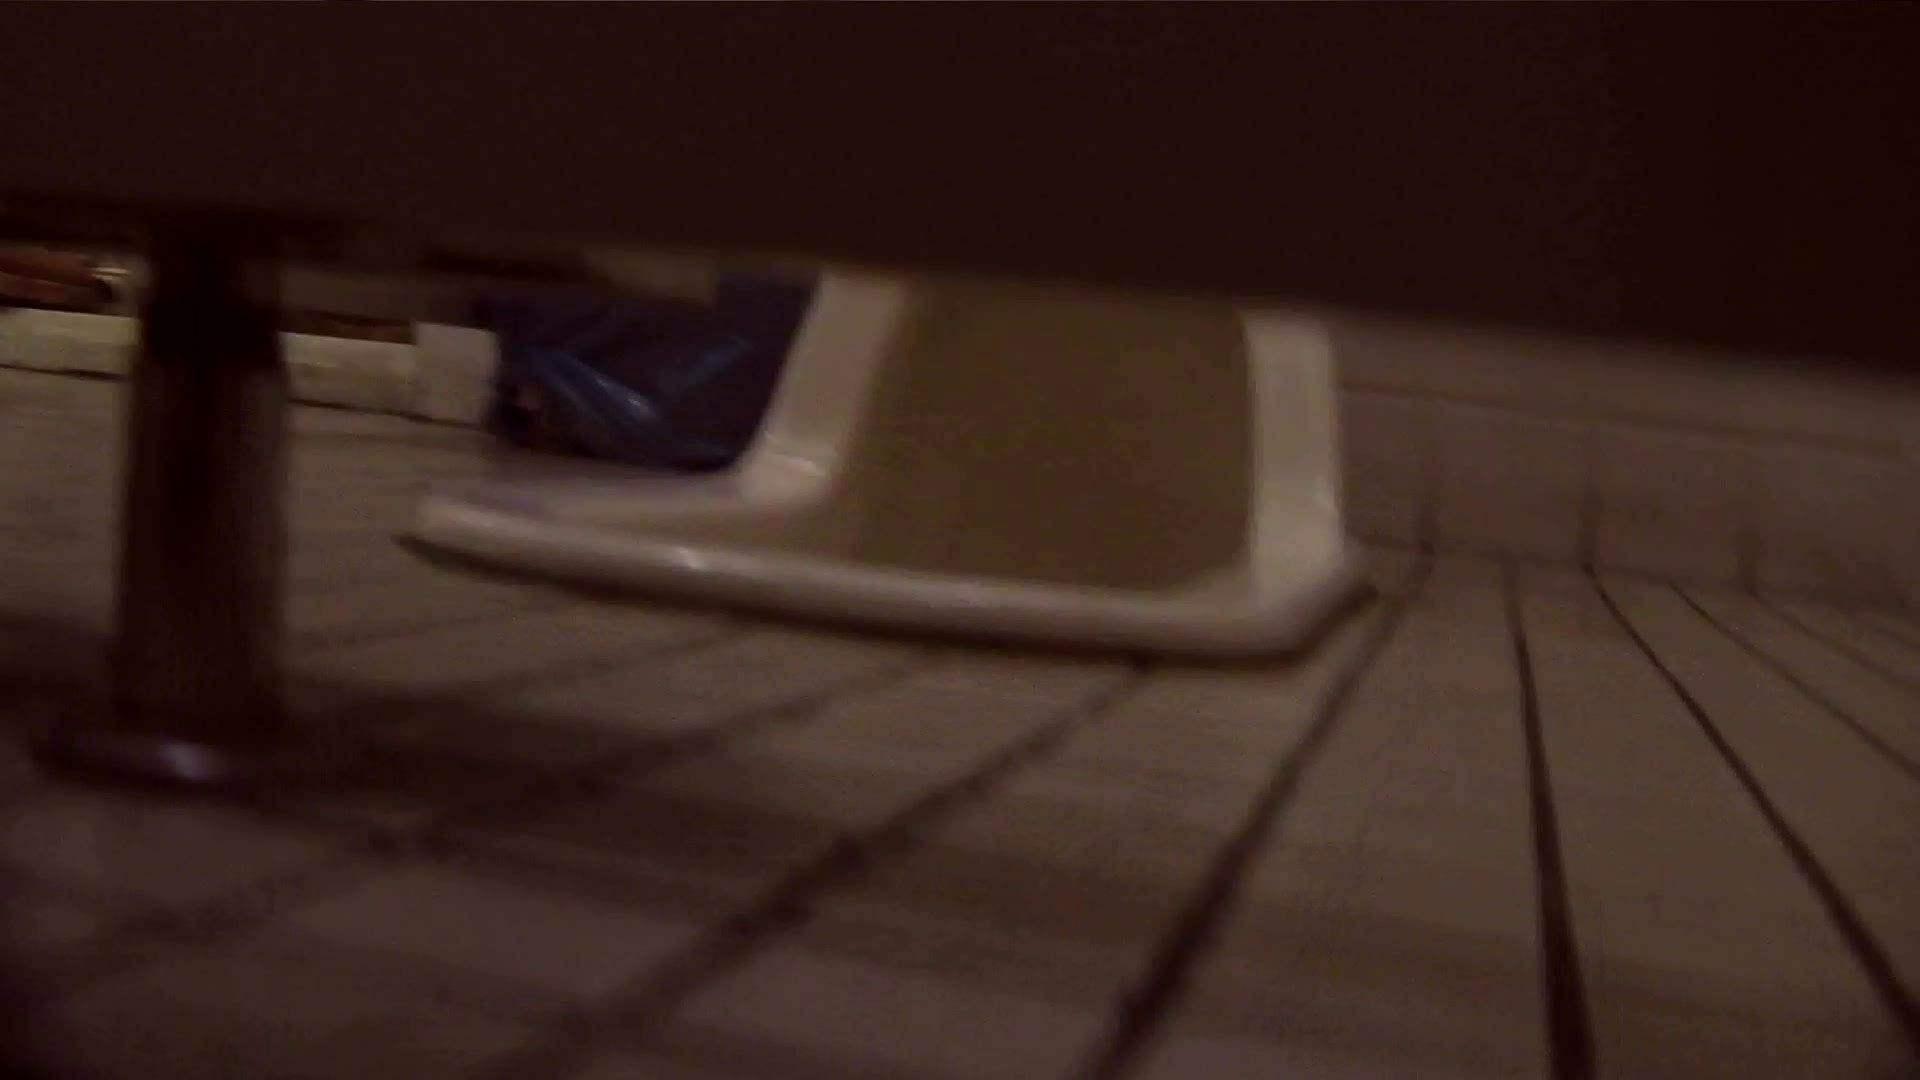 vol.15 命がけ潜伏洗面所! 肌荒れ注意報!! OLセックス 盗撮おまんこ無修正動画無料 102画像 34